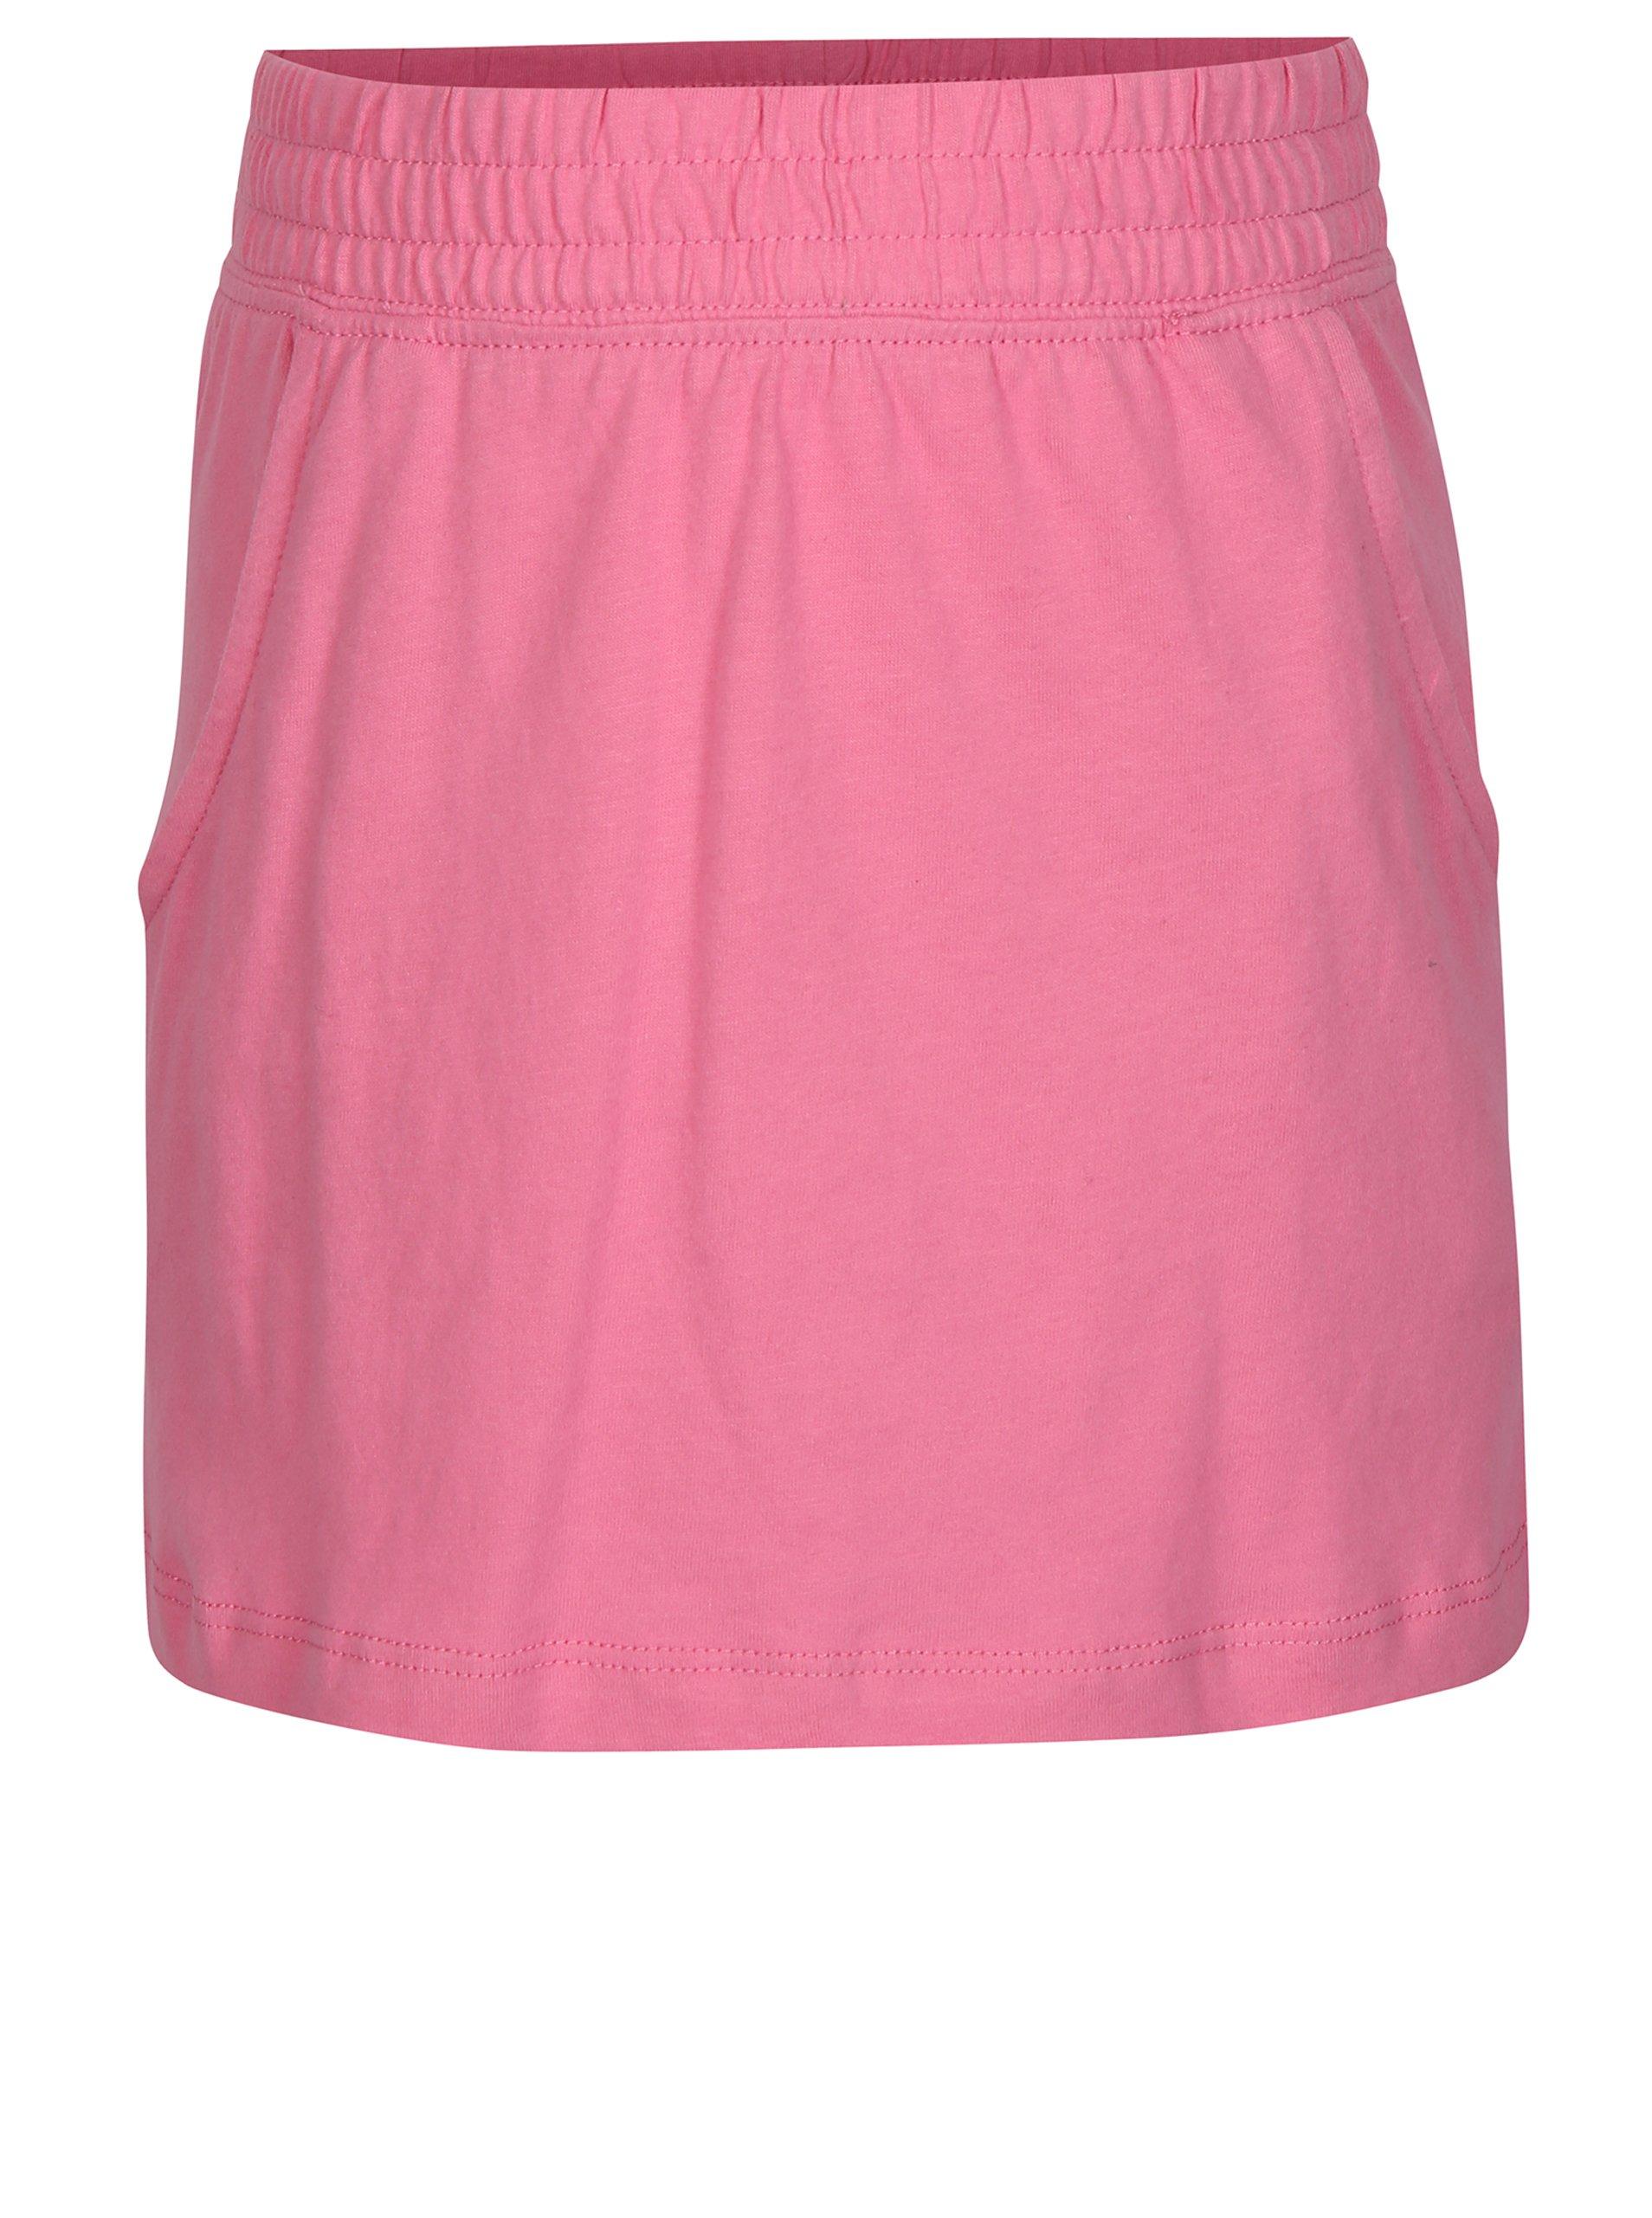 1f713b8307ac Ružová dievčenská sukňa name it Valinka